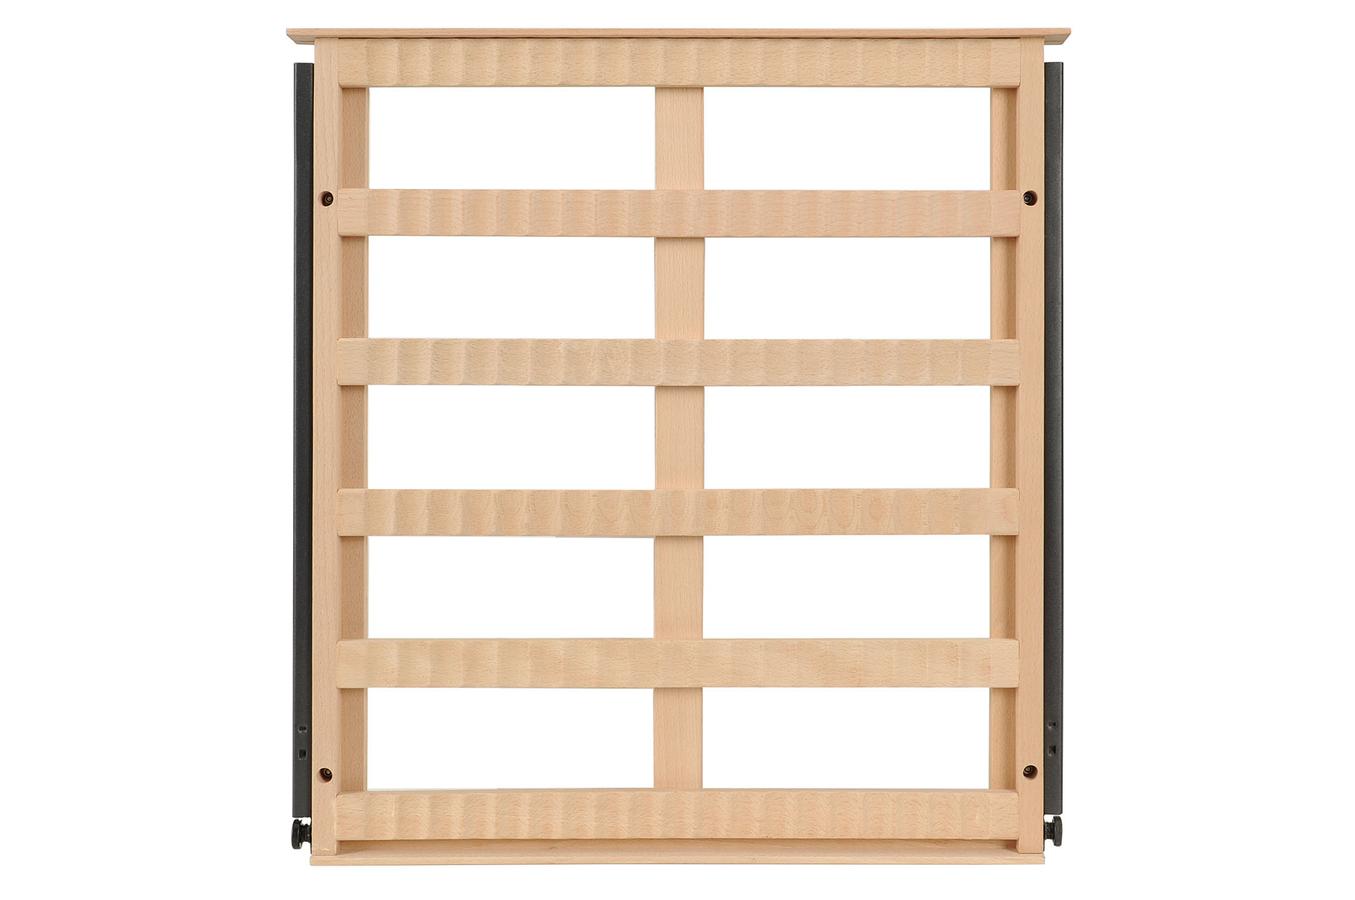 clayette pour cave vin la sommeliere clatrad07. Black Bedroom Furniture Sets. Home Design Ideas